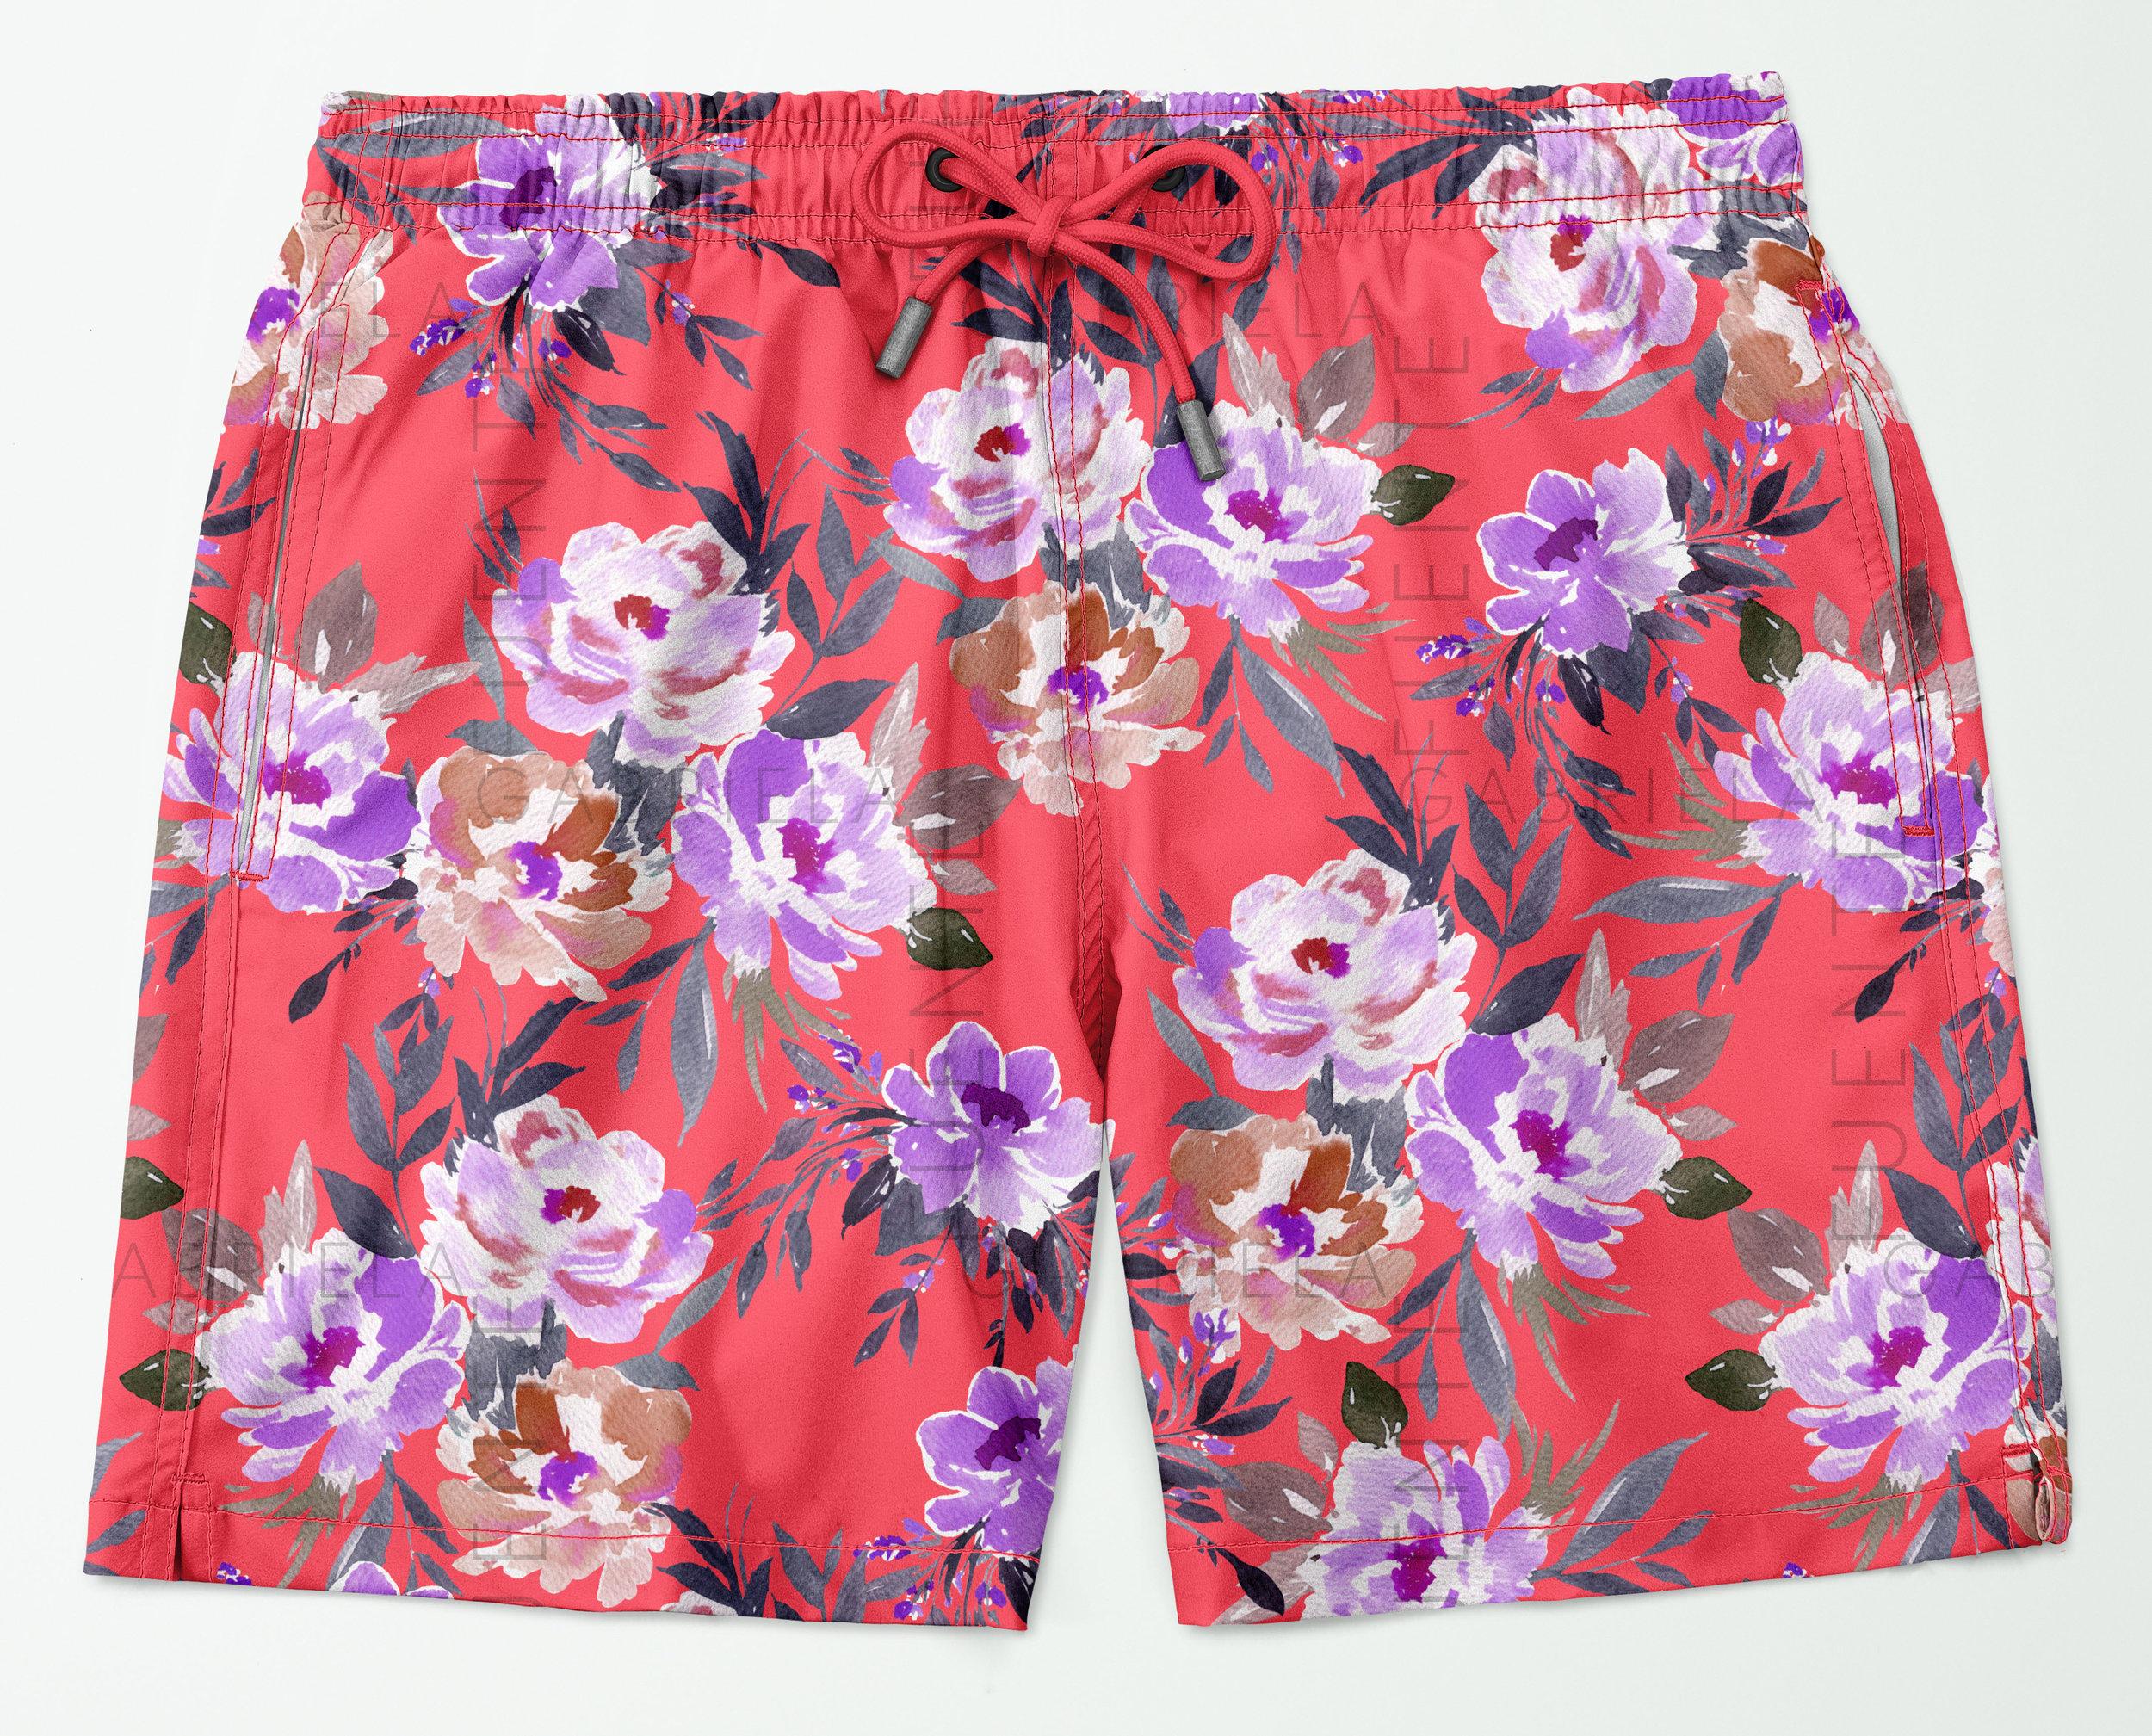 gabriela_fuente_ 83_shorts.jpg